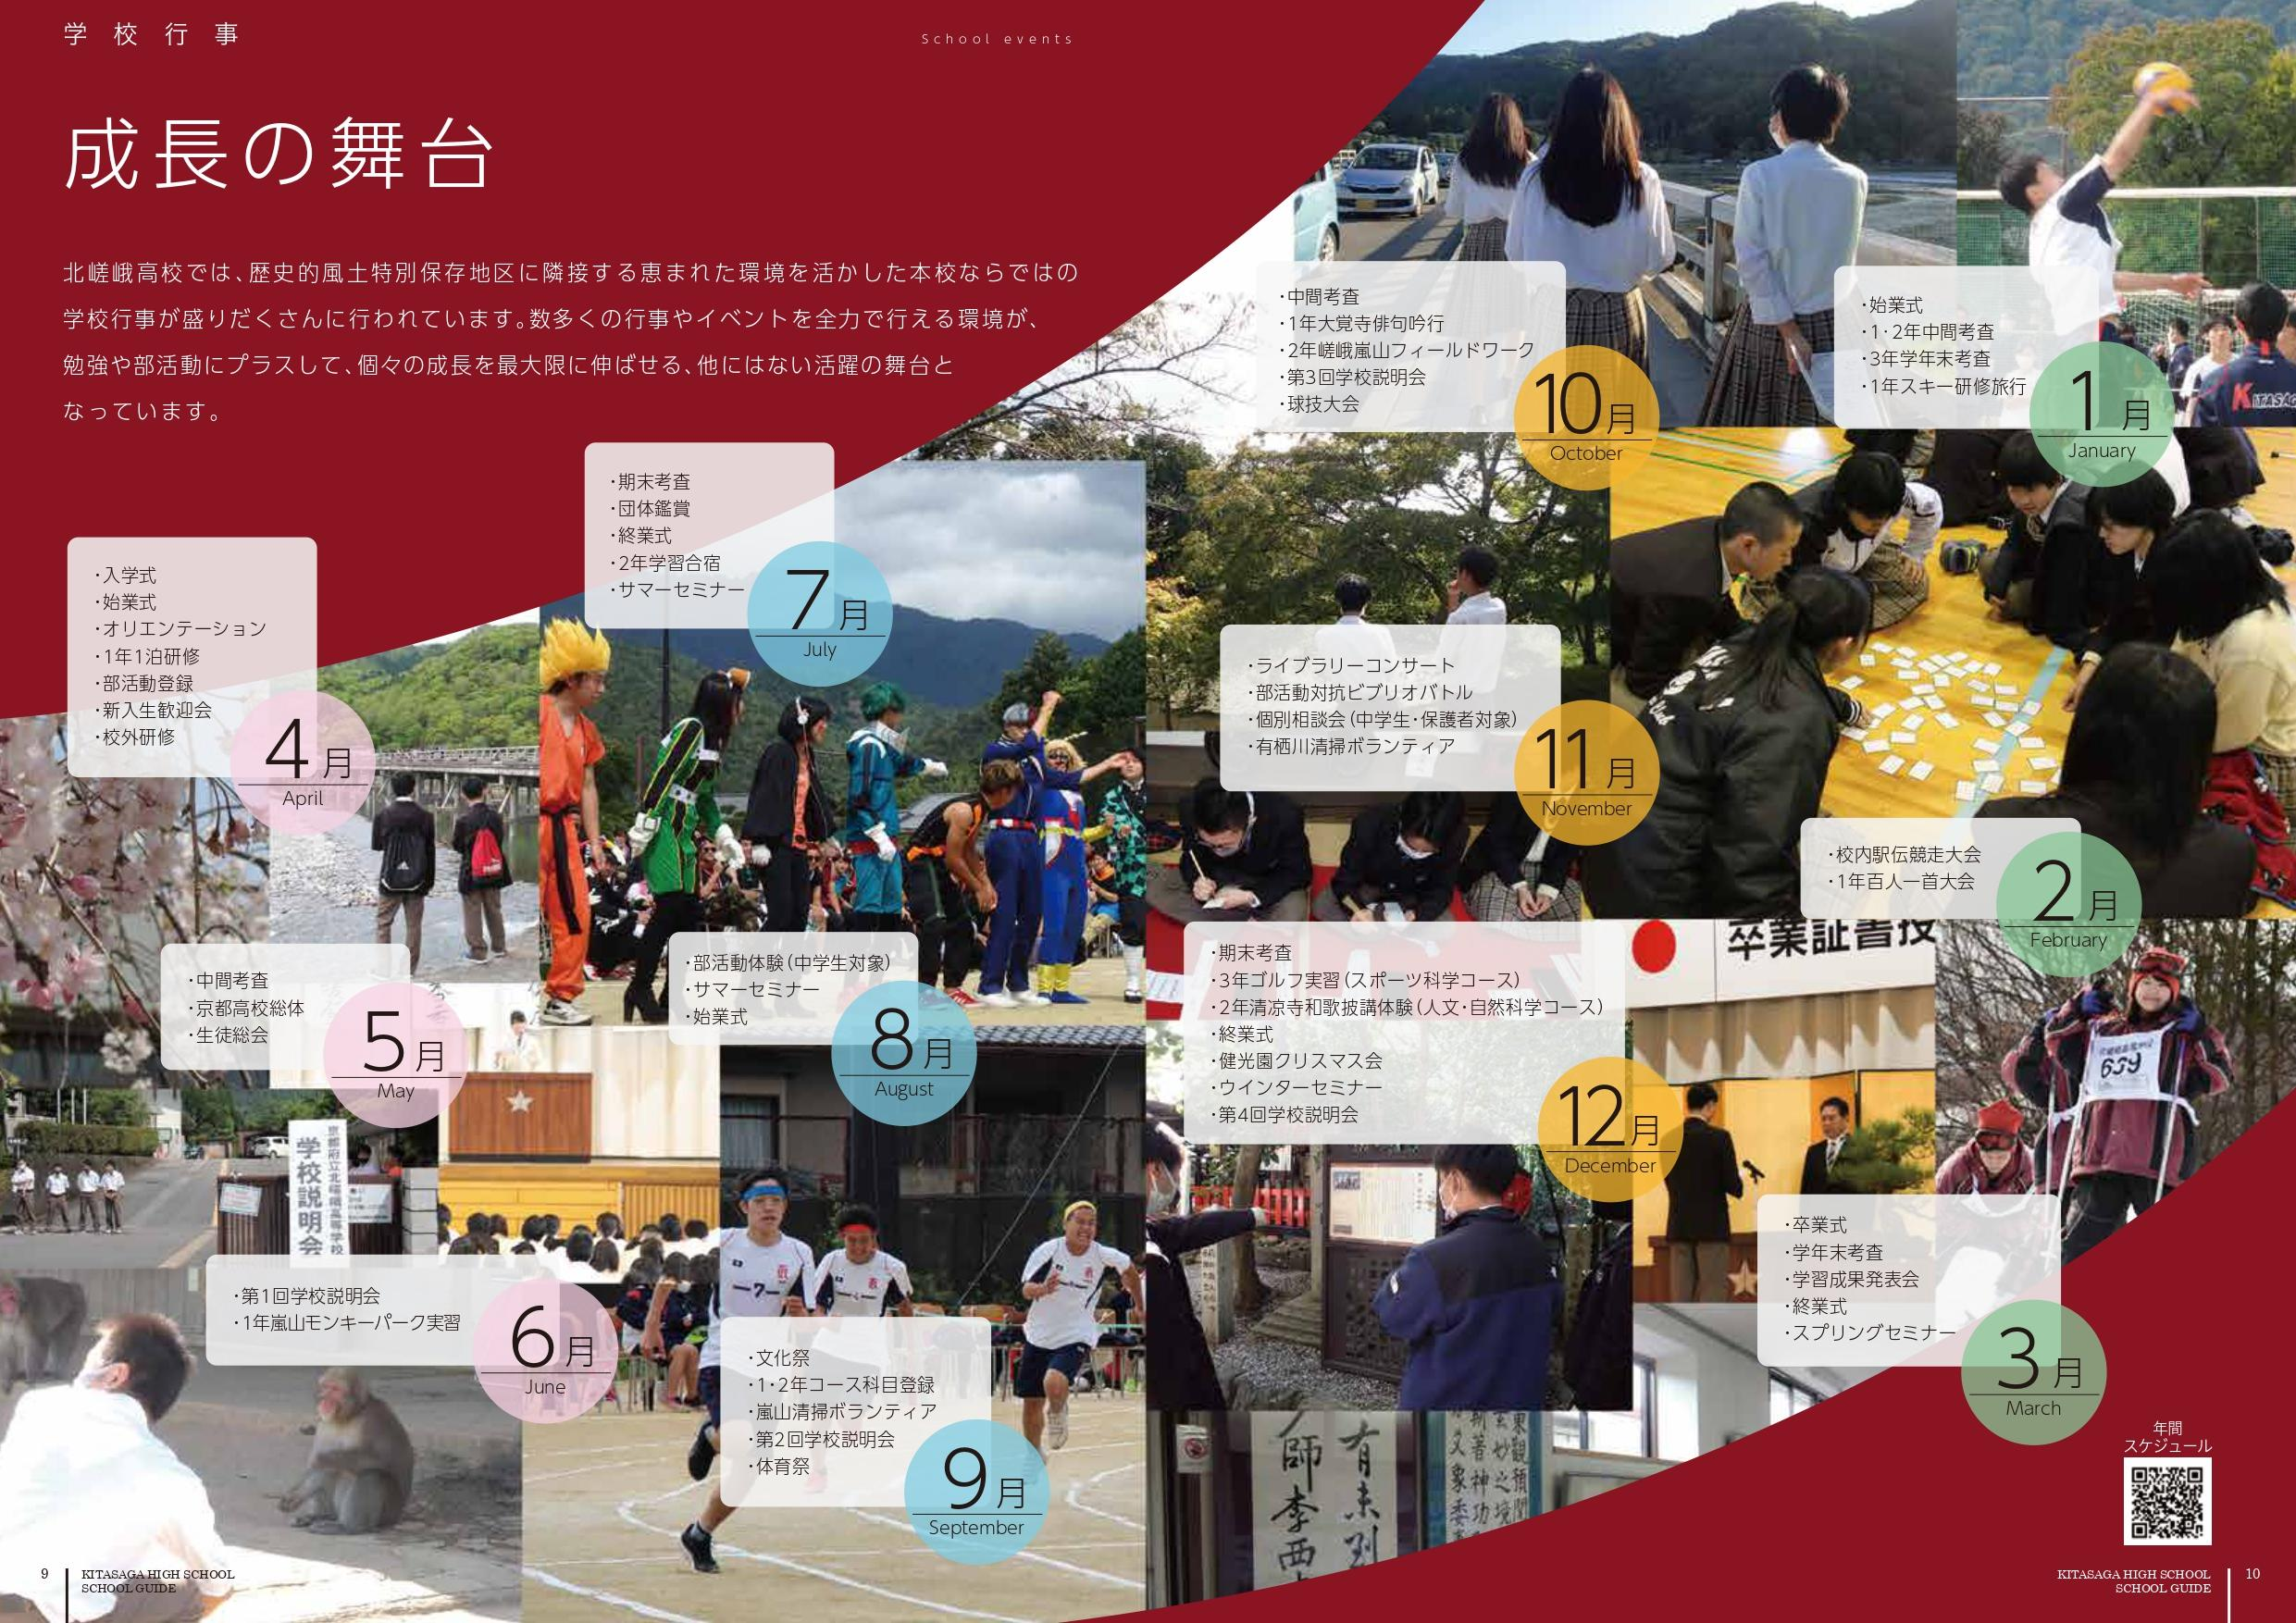 北嵯峨高校-スクールガイド2022-v6-2_page-0006.jpg